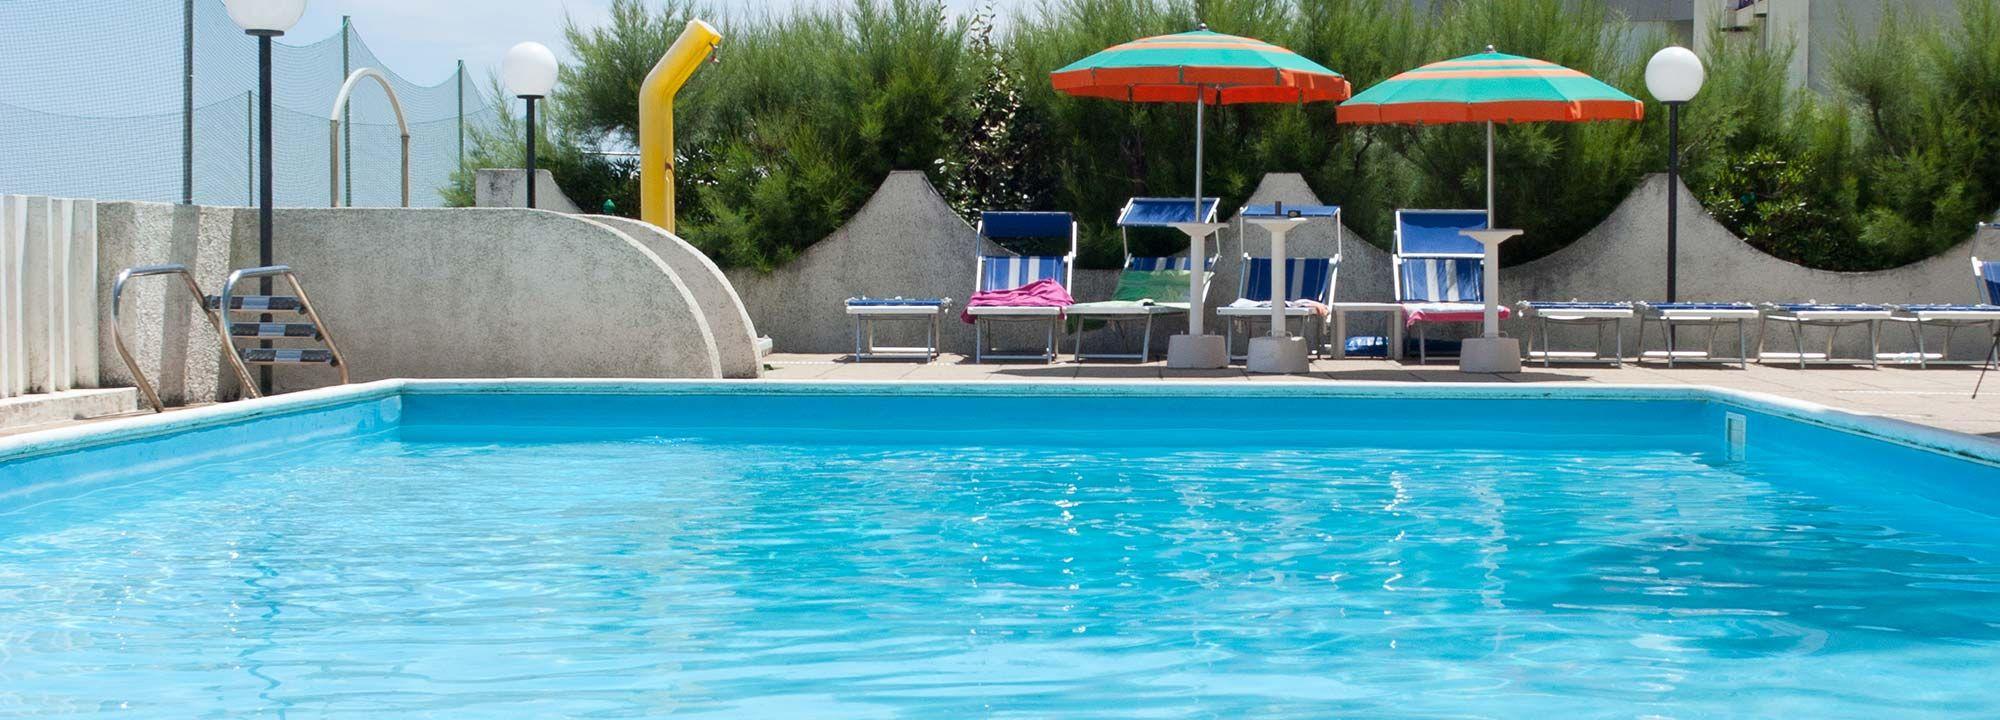 Hotel vicino mare con piscina hotel leonardo da vinci pesaro - Champoluc hotel con piscina ...